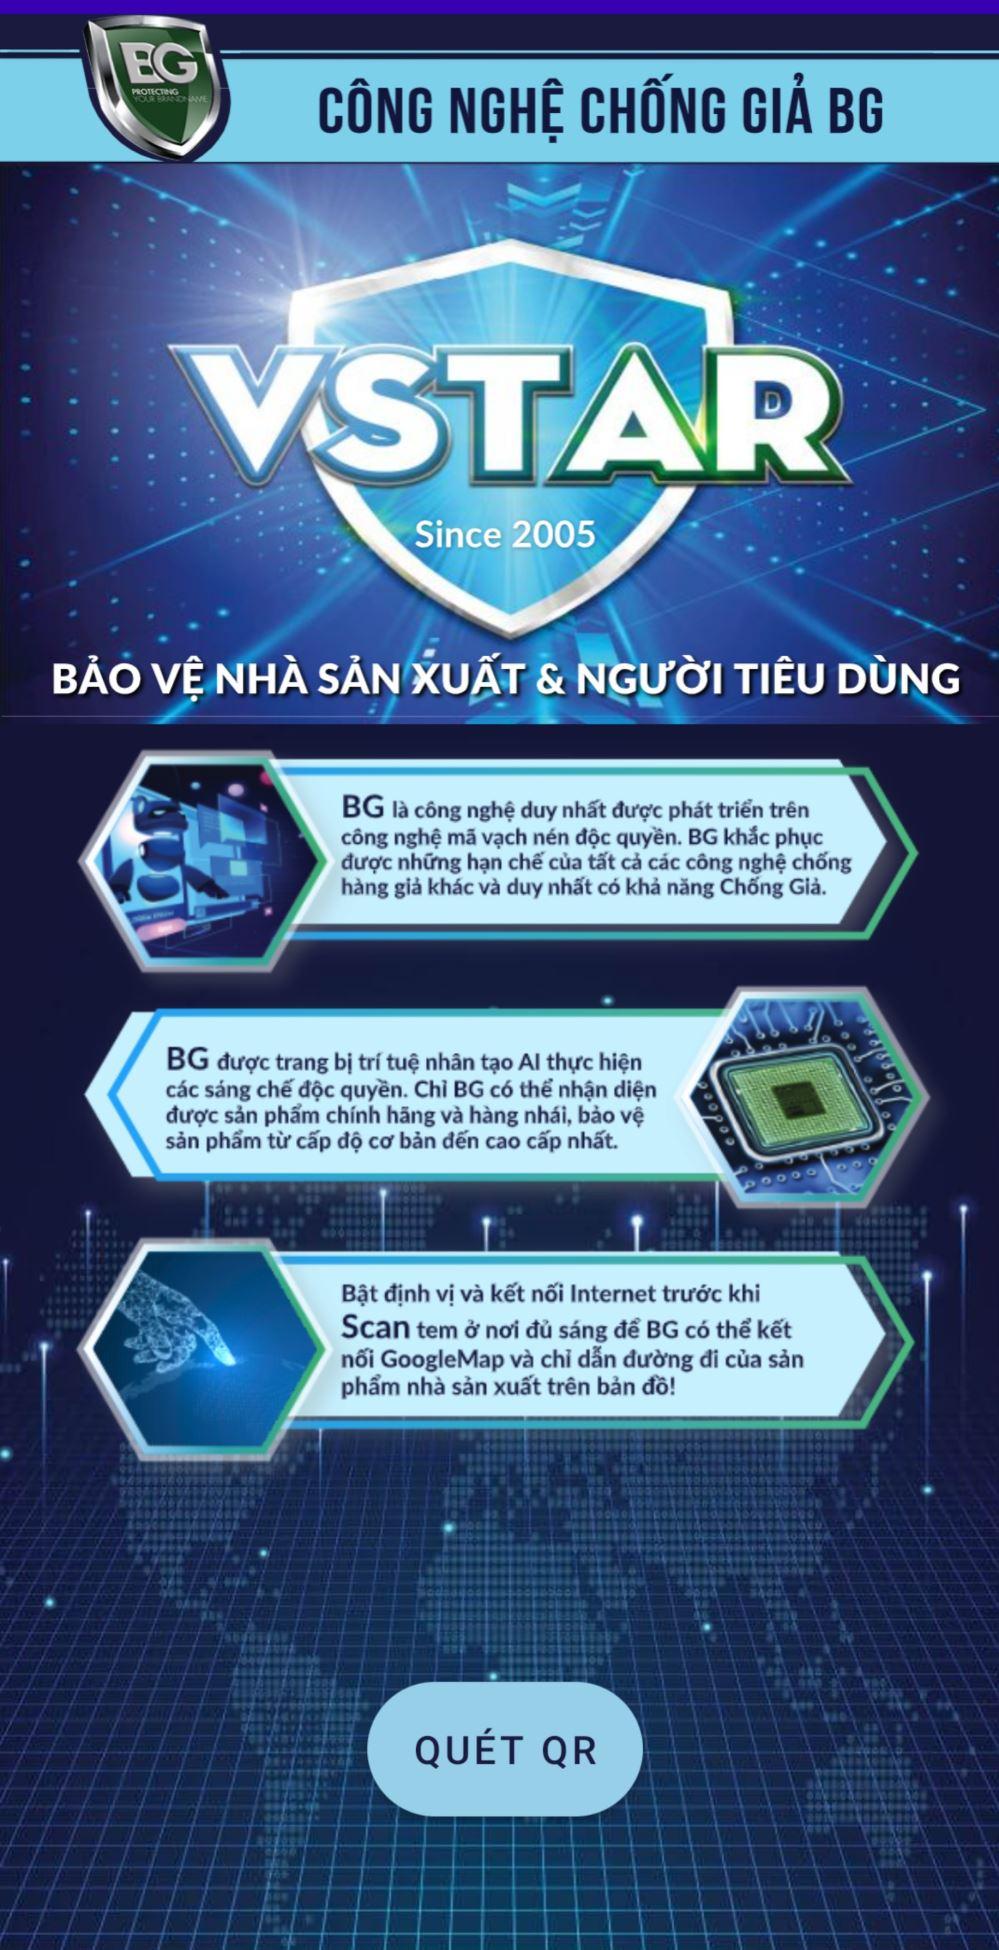 Công nghệ chống giả BG hiện đang được sử dụng trên các nền tảng IOS and Android.